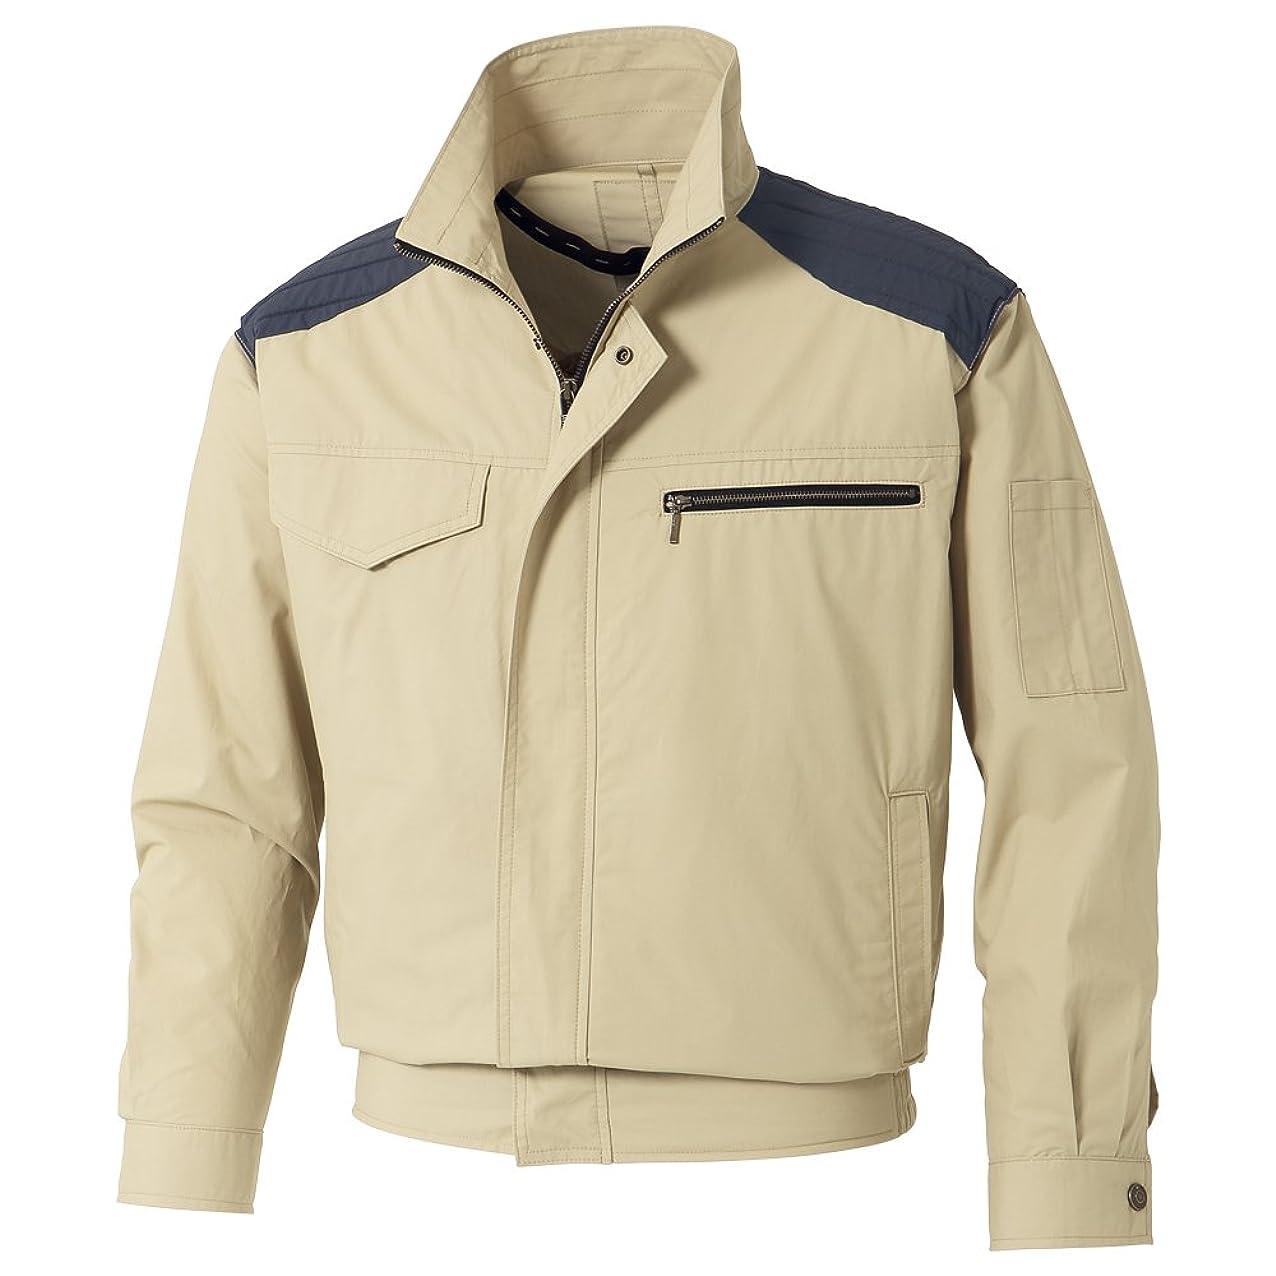 事実上酸化物悪化するサンエス 空調風神服 ※服地のみ 肩パッド付長袖ブルゾン サンドベージュ XL ※取寄品 KU93500-1-XL